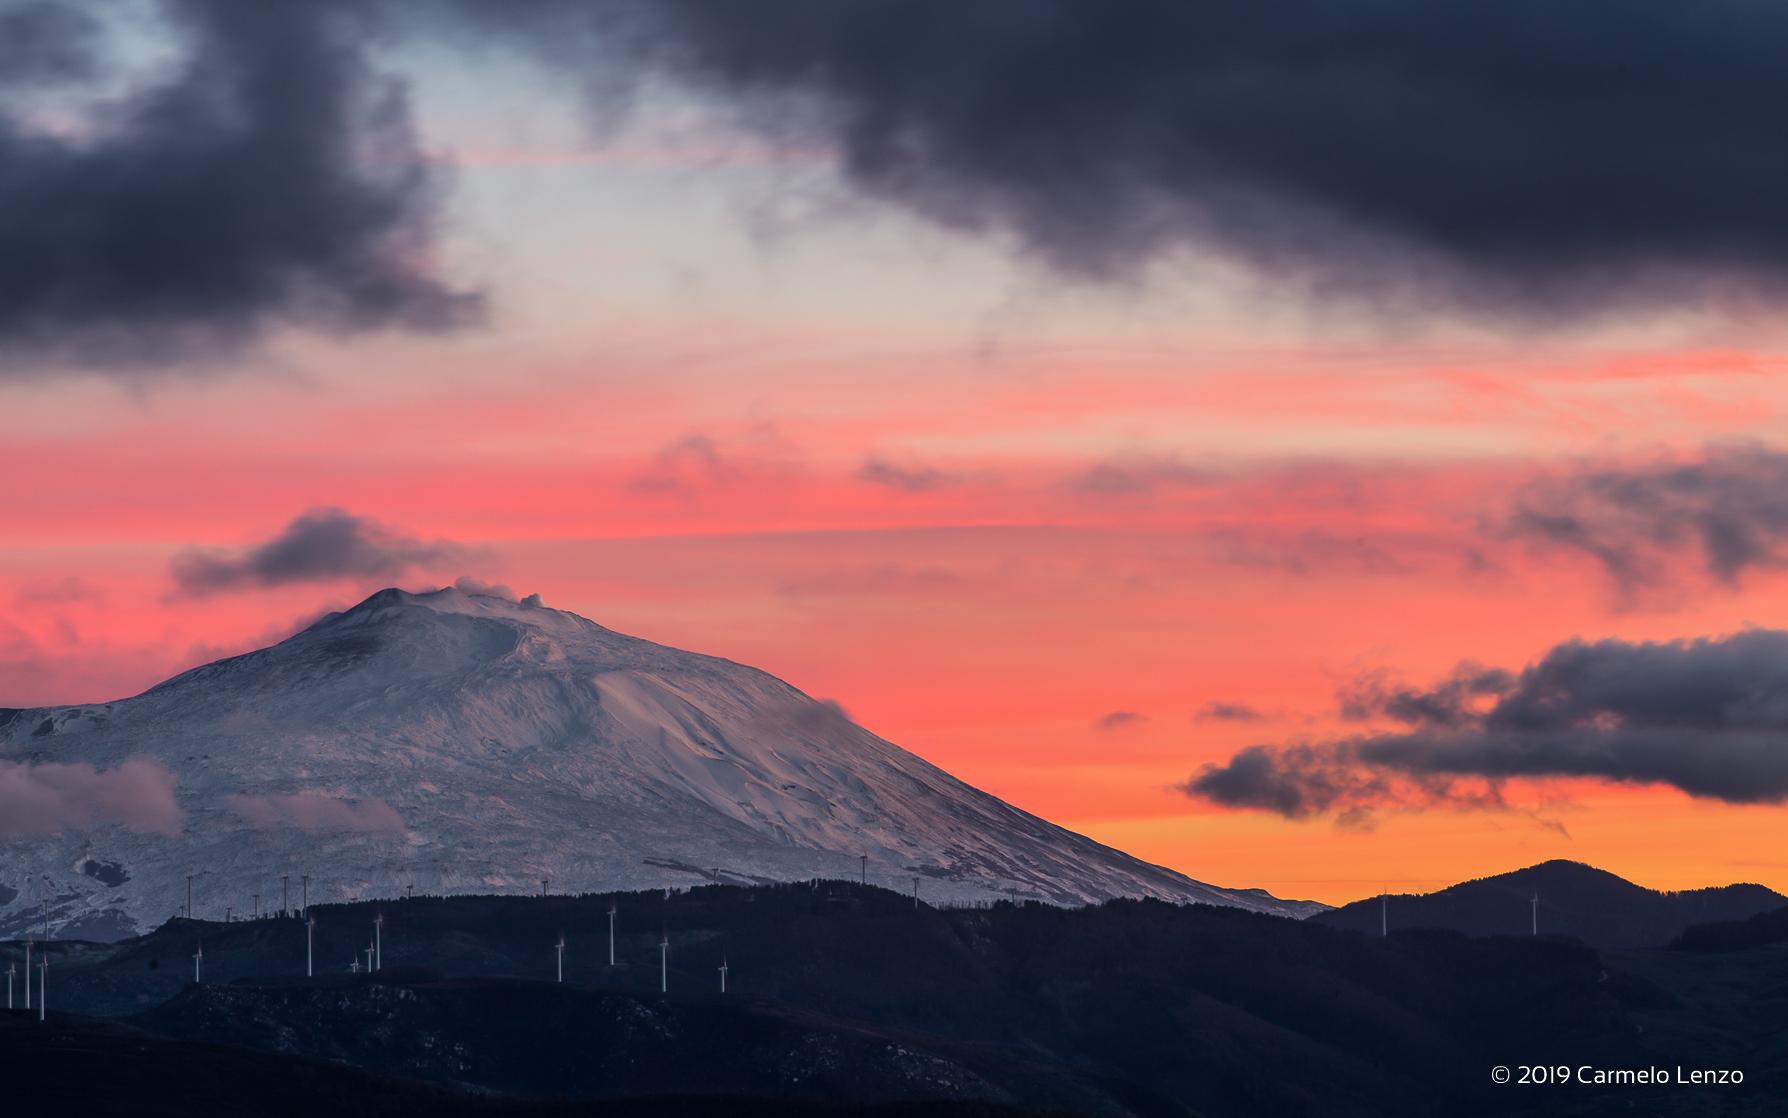 U casteduzzu e l'Etna